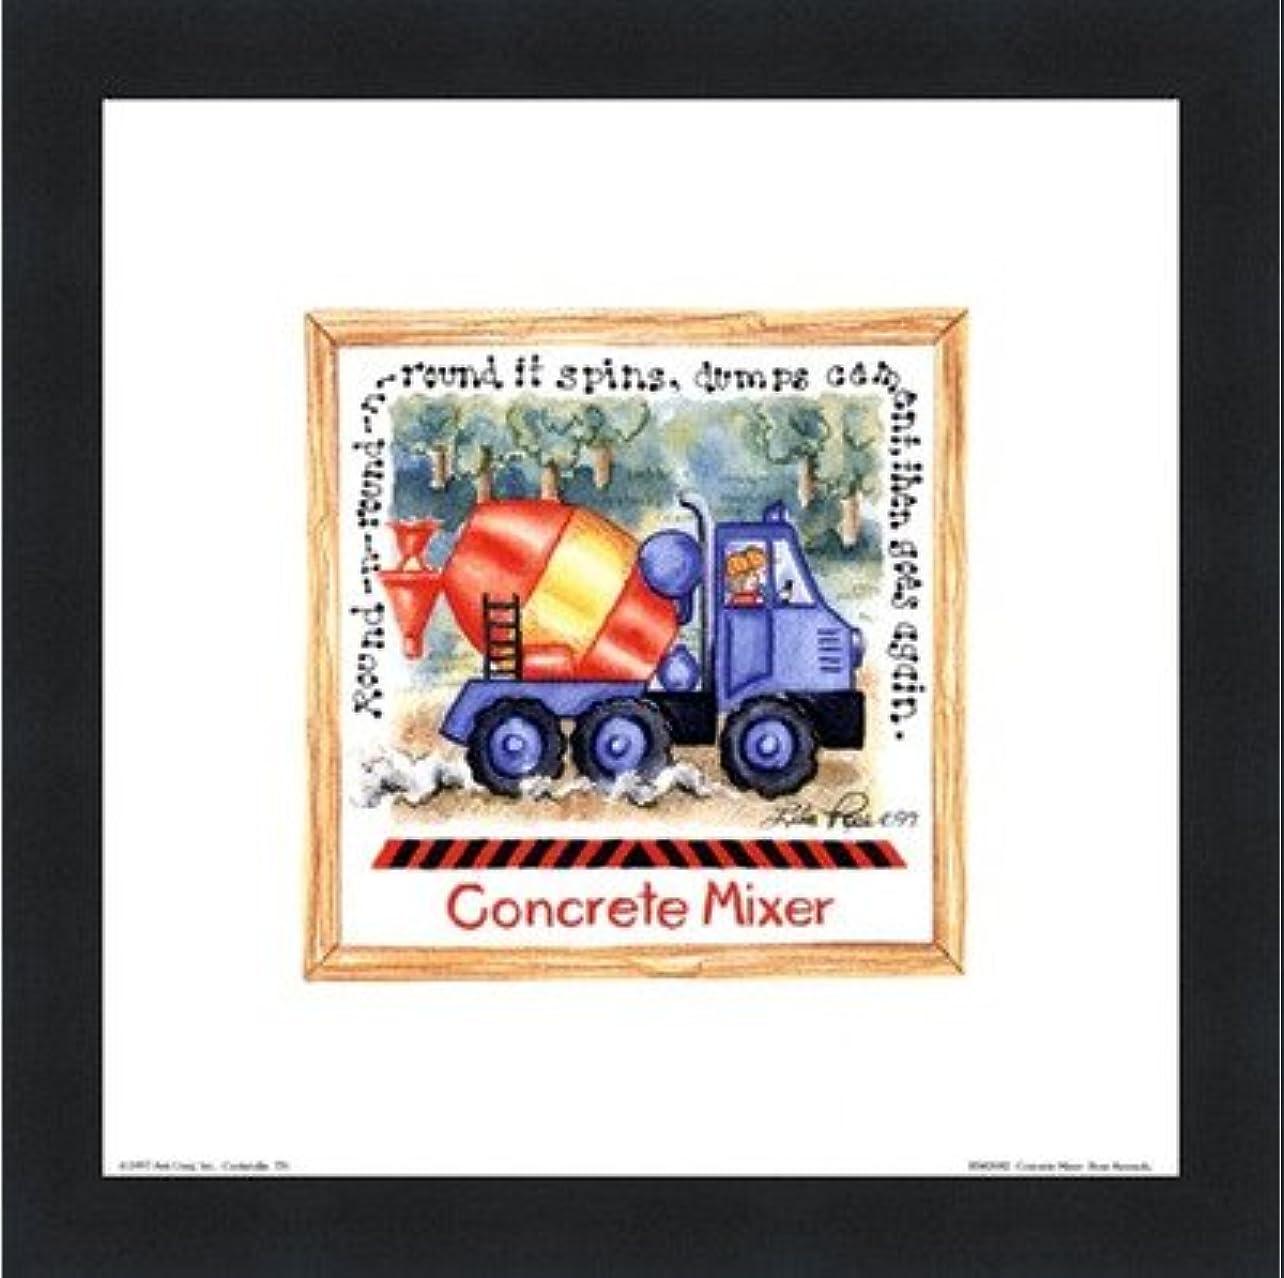 等価マッシュ歴史的コンクリートミキサーby Lila Rose Kennedy – 8 x 8インチ – アートプリントポスター LE_391264-F101-8x8